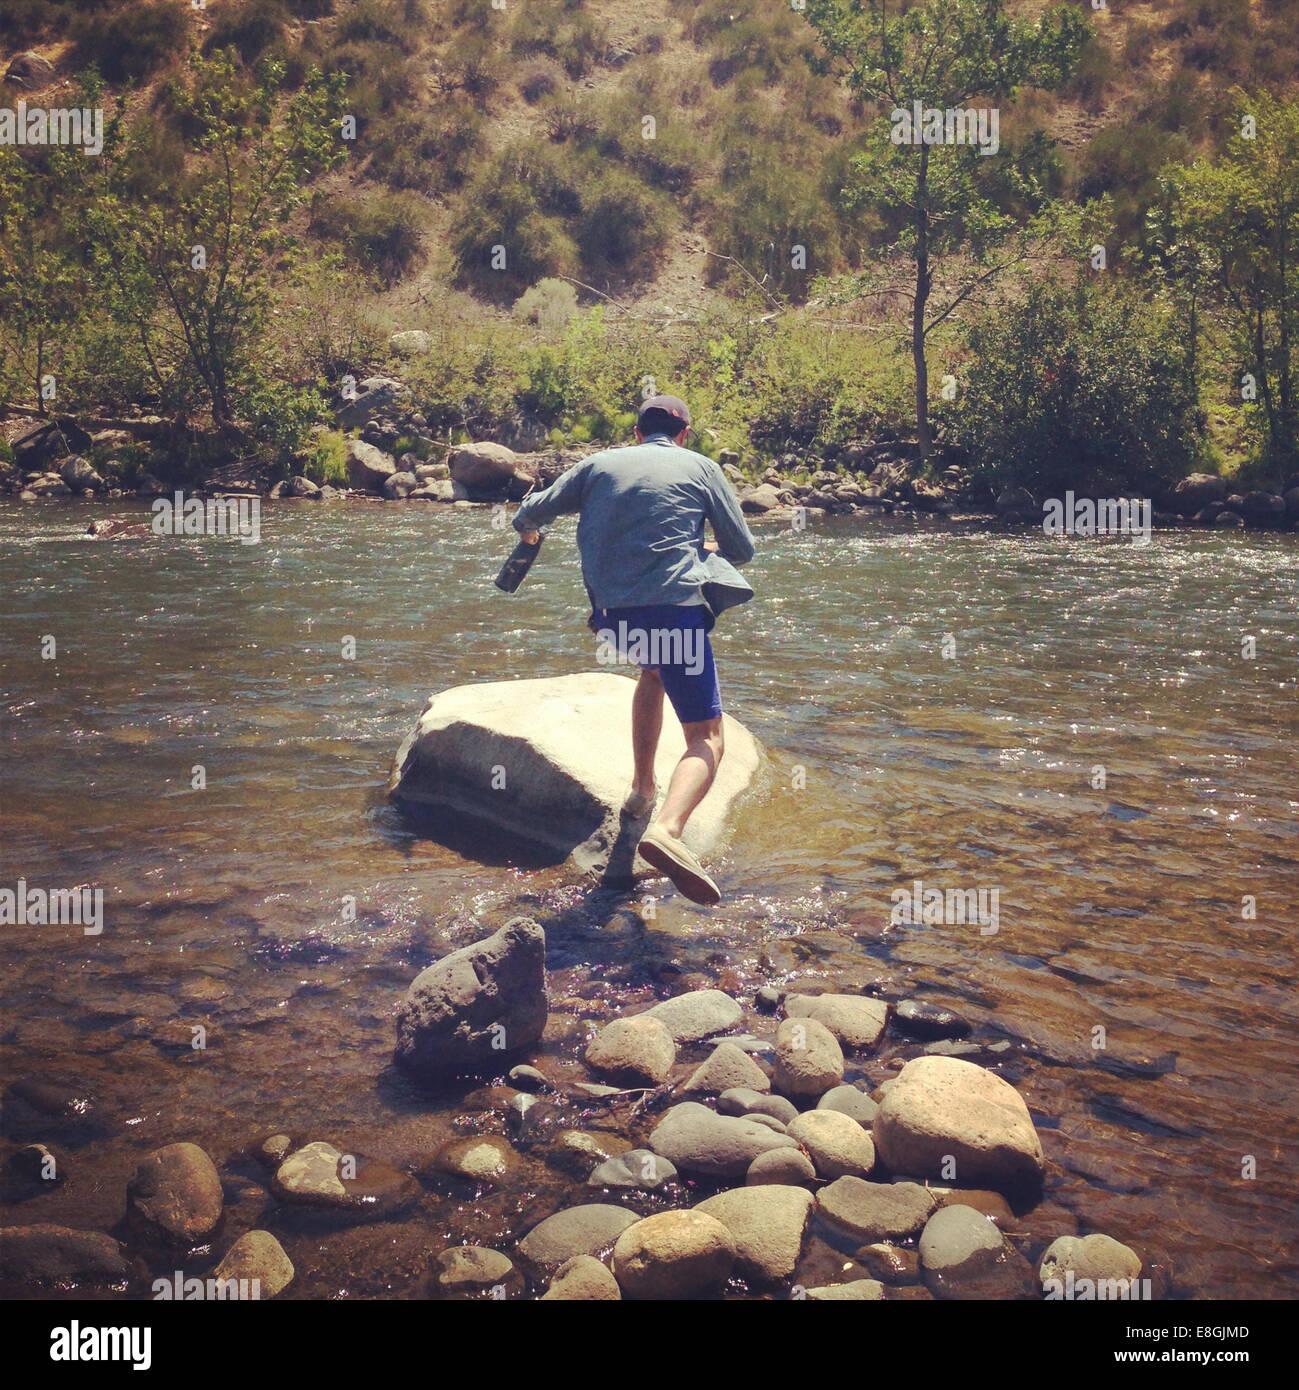 Uomo di saltare attraverso le rocce nel fiume Immagini Stock